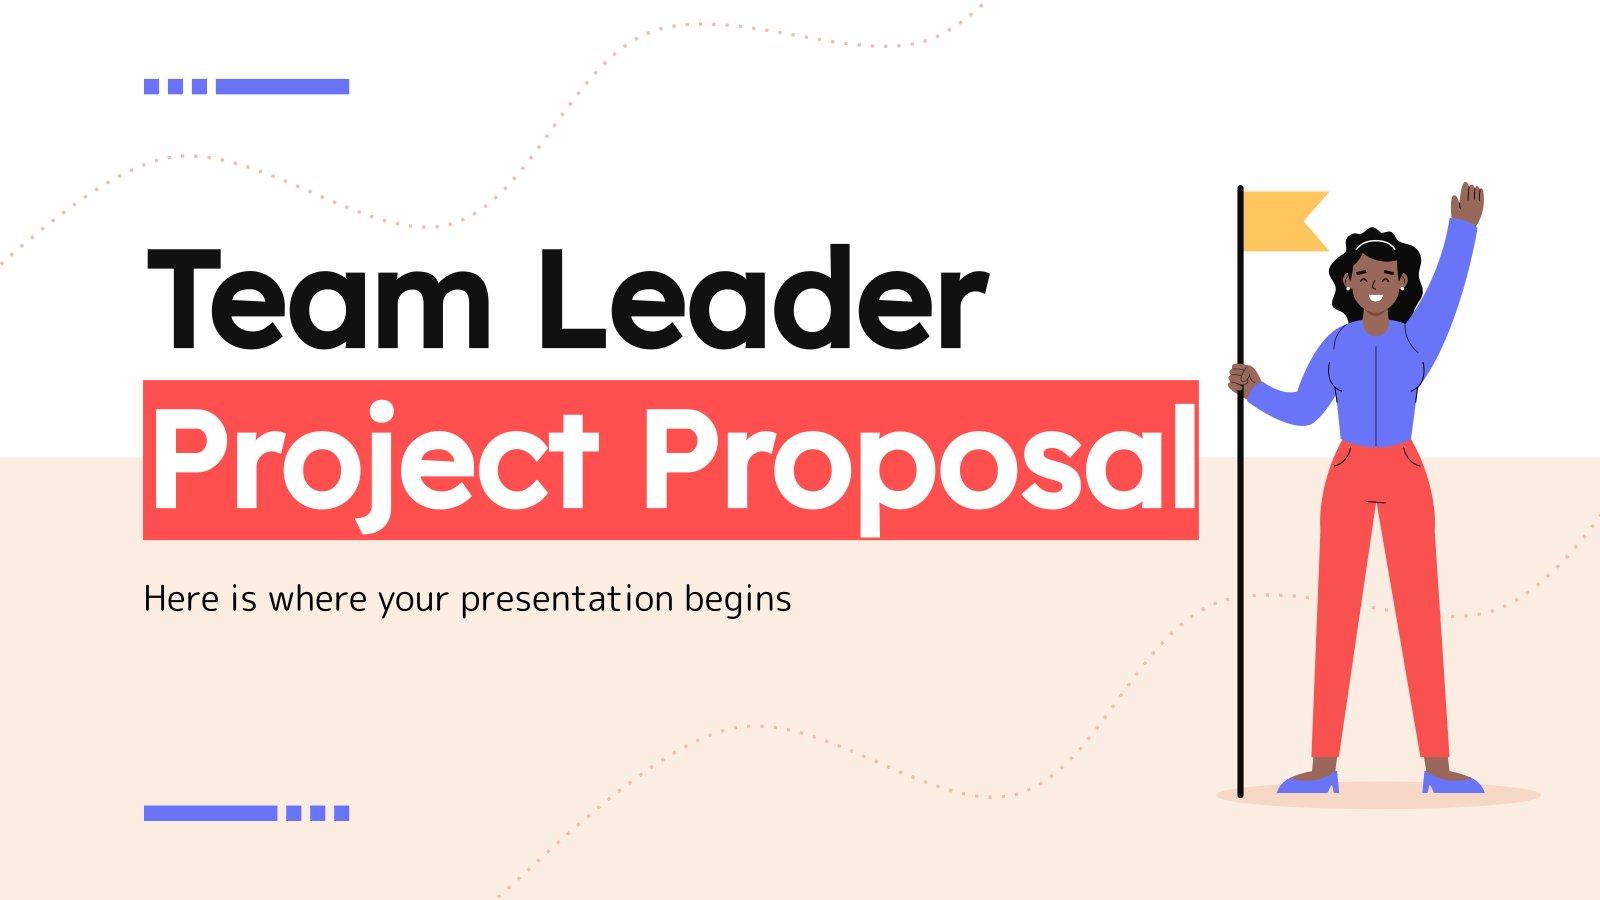 Modelo de apresentação Proposta de projeto do líder de equipe